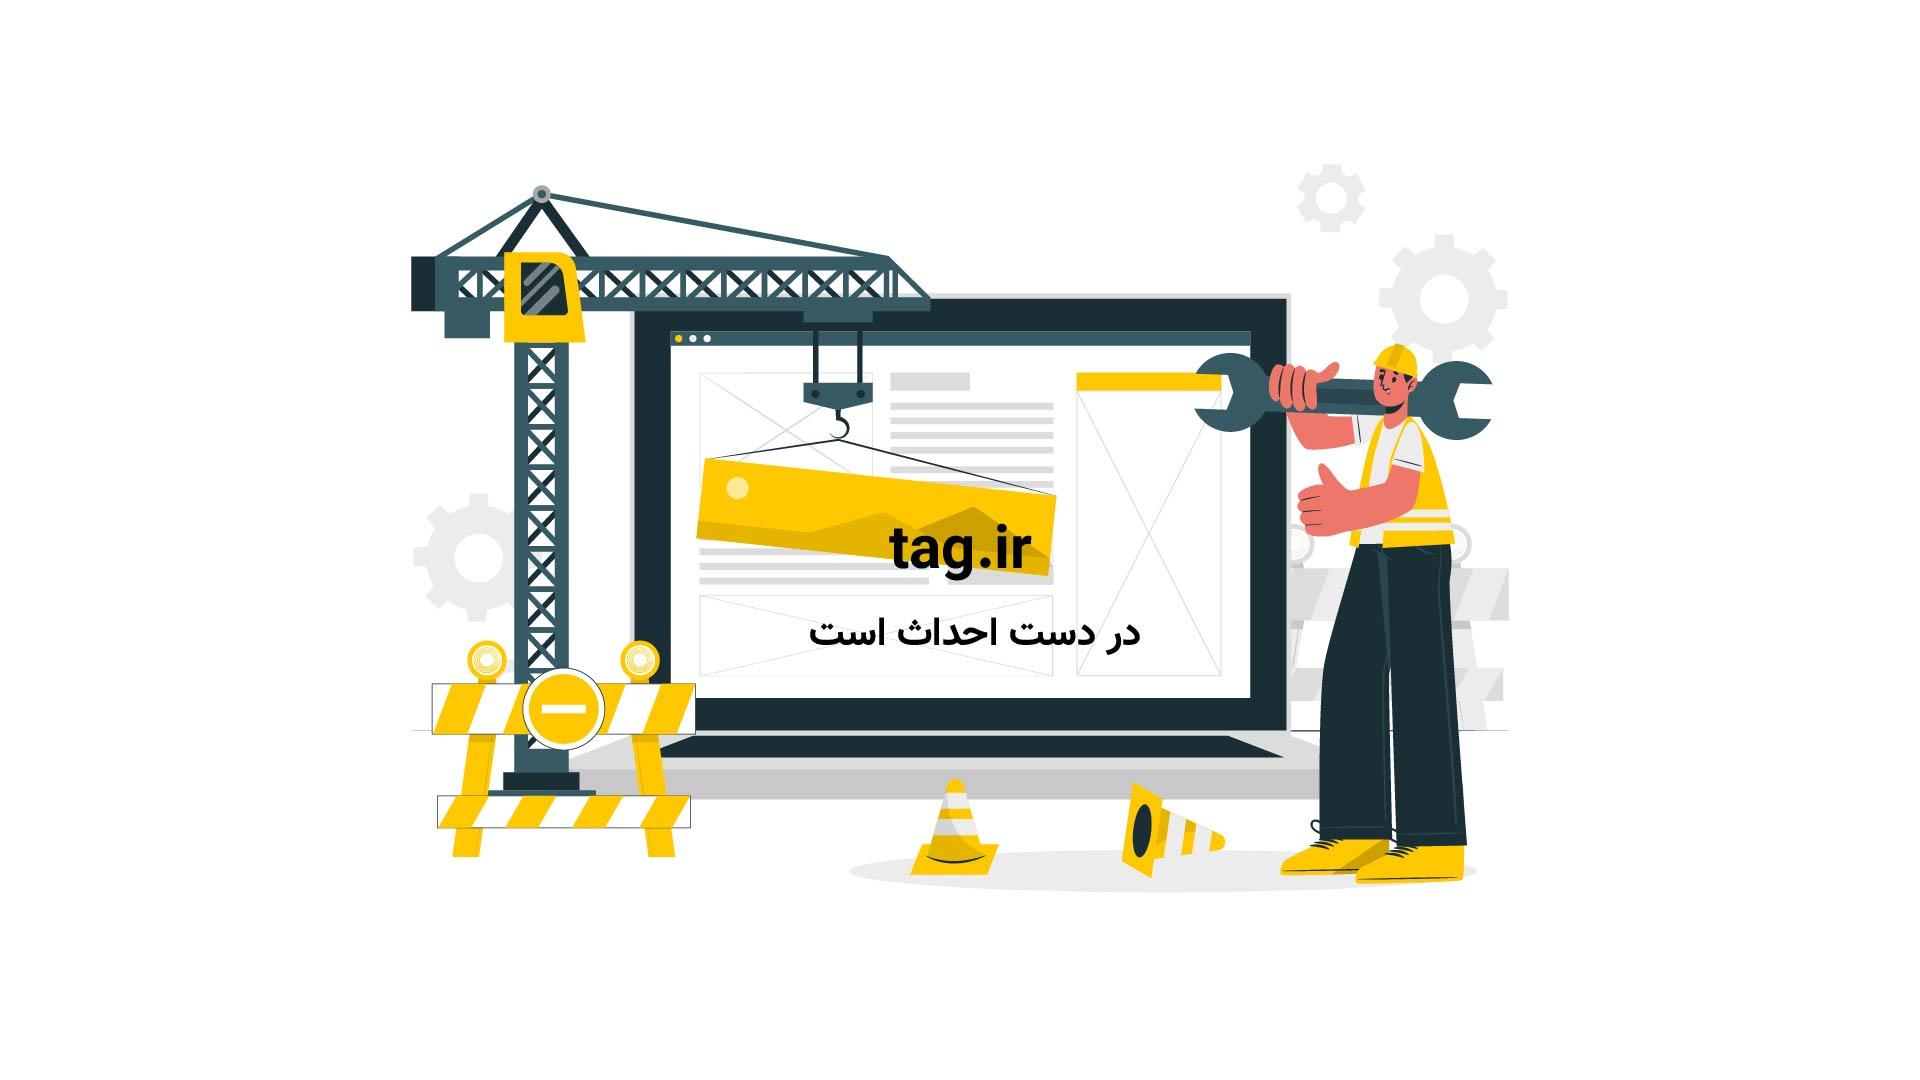 سخنرانی رئیس جمهور در اجلاس سران کشورهای اسلامی | فیلم